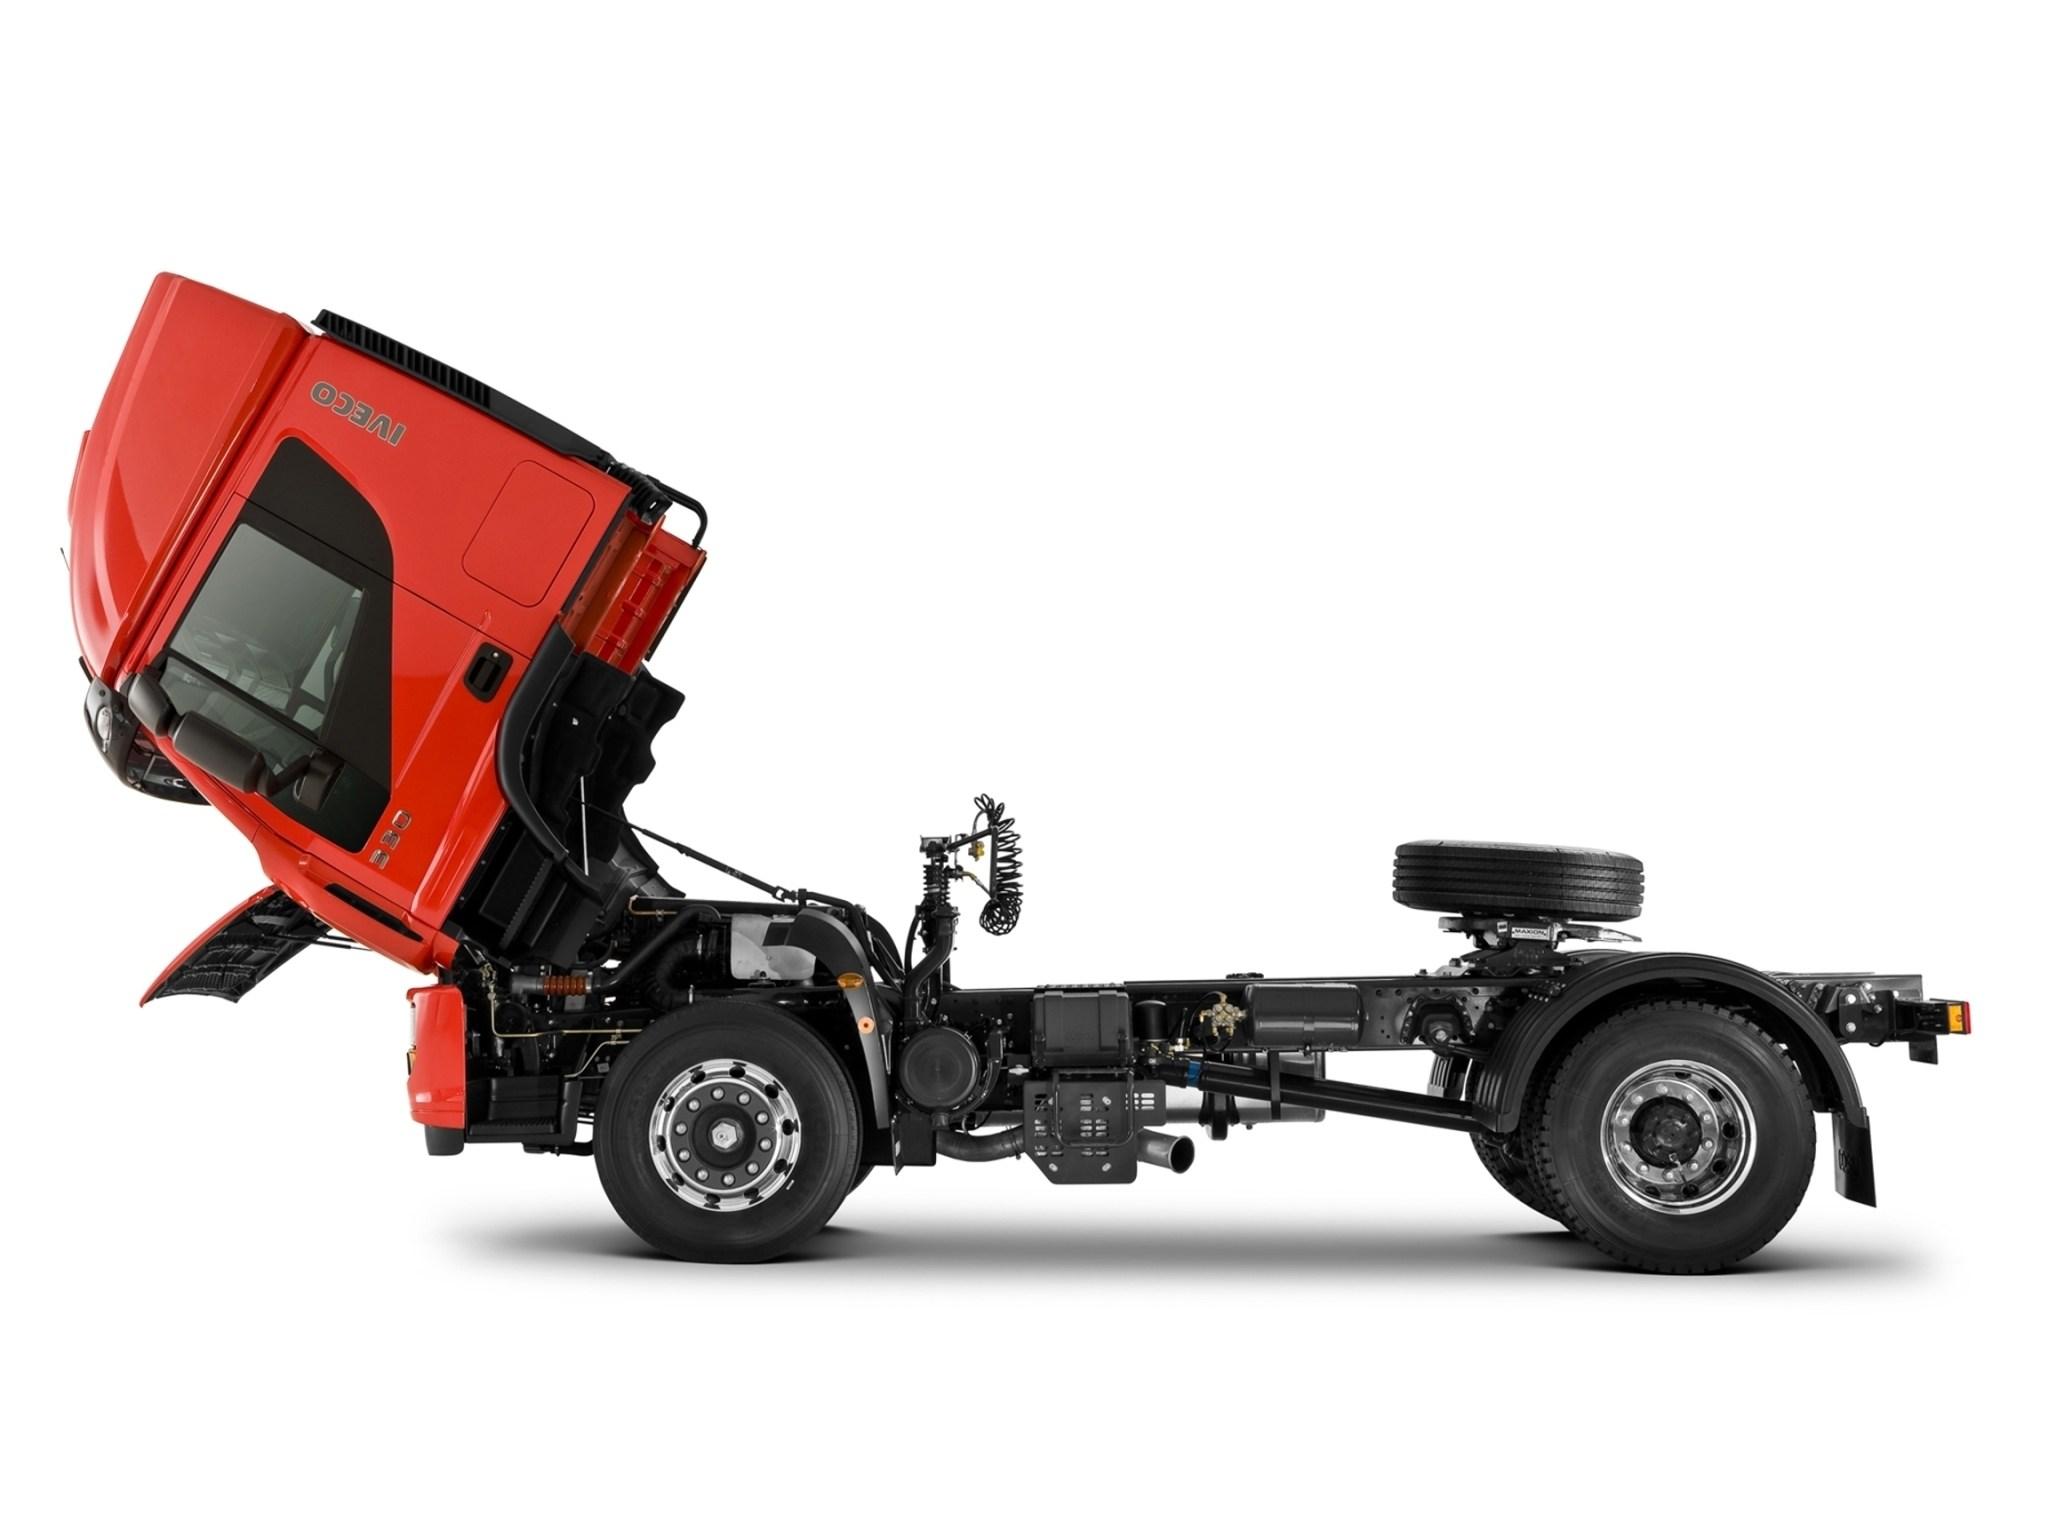 encontra tu camion camiones usados recorre las rutas argentinas transporte iveco concesionario iveco concesionario usados financiación mar del plata, cursor, iveco, punto truck